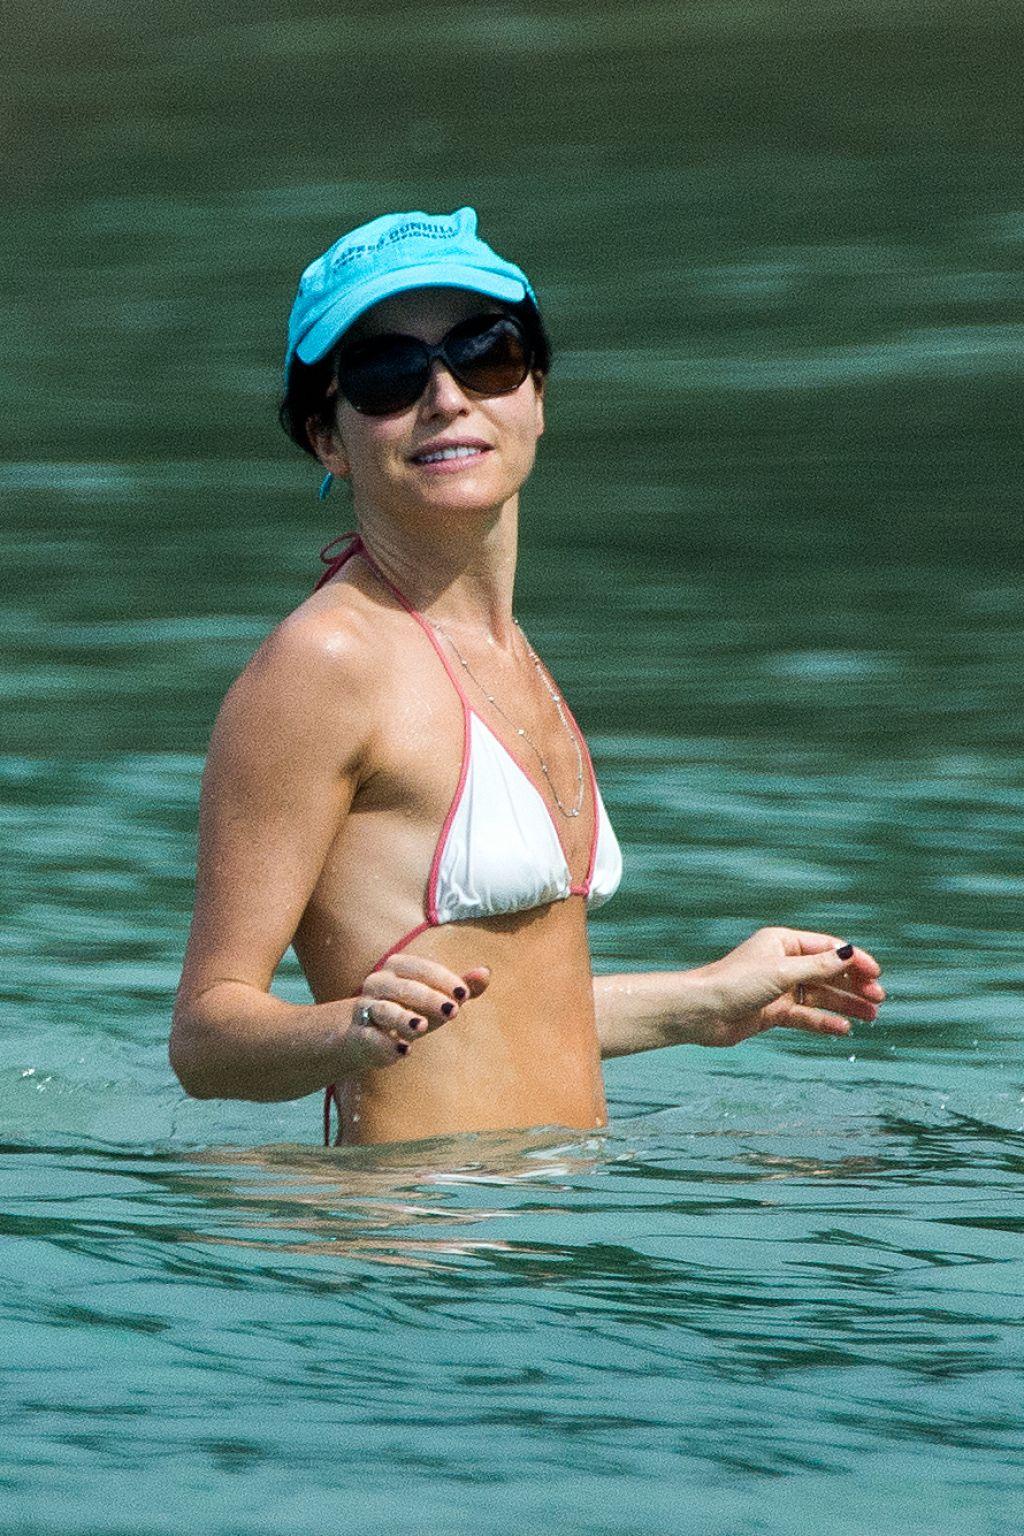 free, Briana lee black bikini for year old